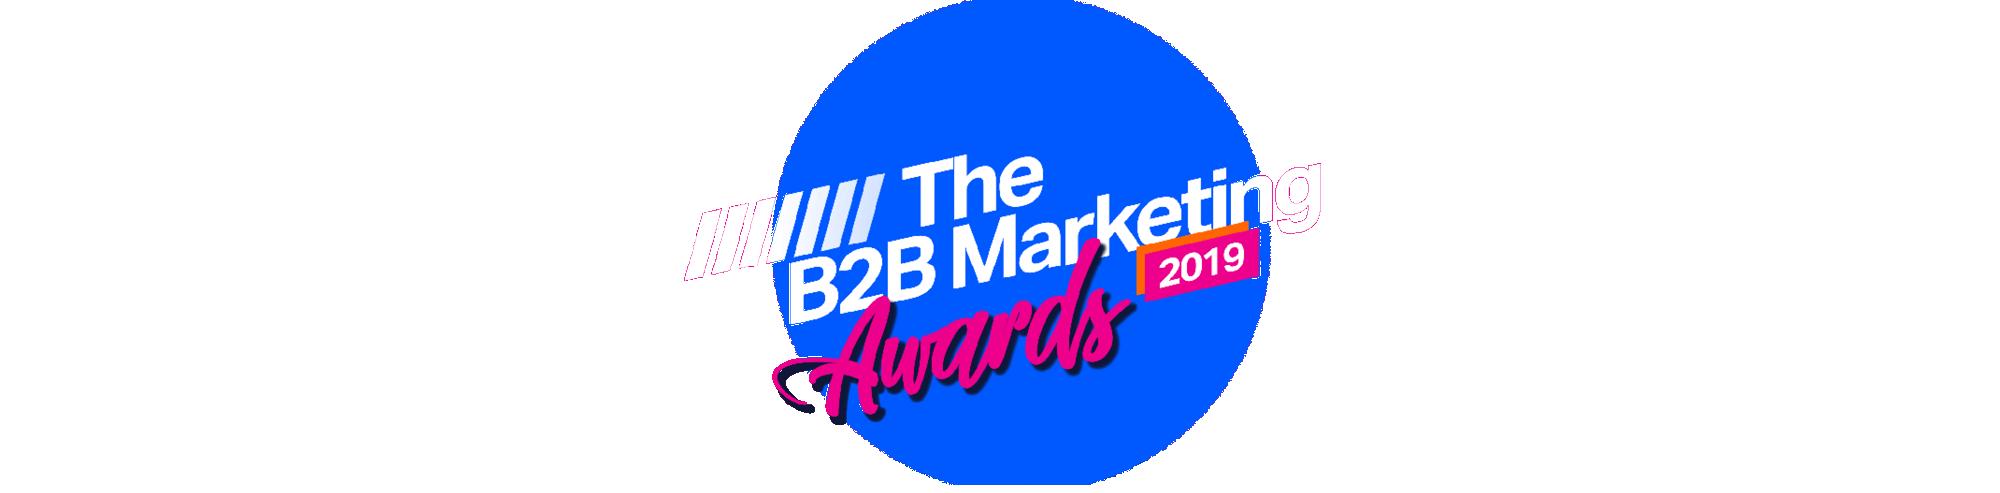 The B2B Marketing Awards 2019